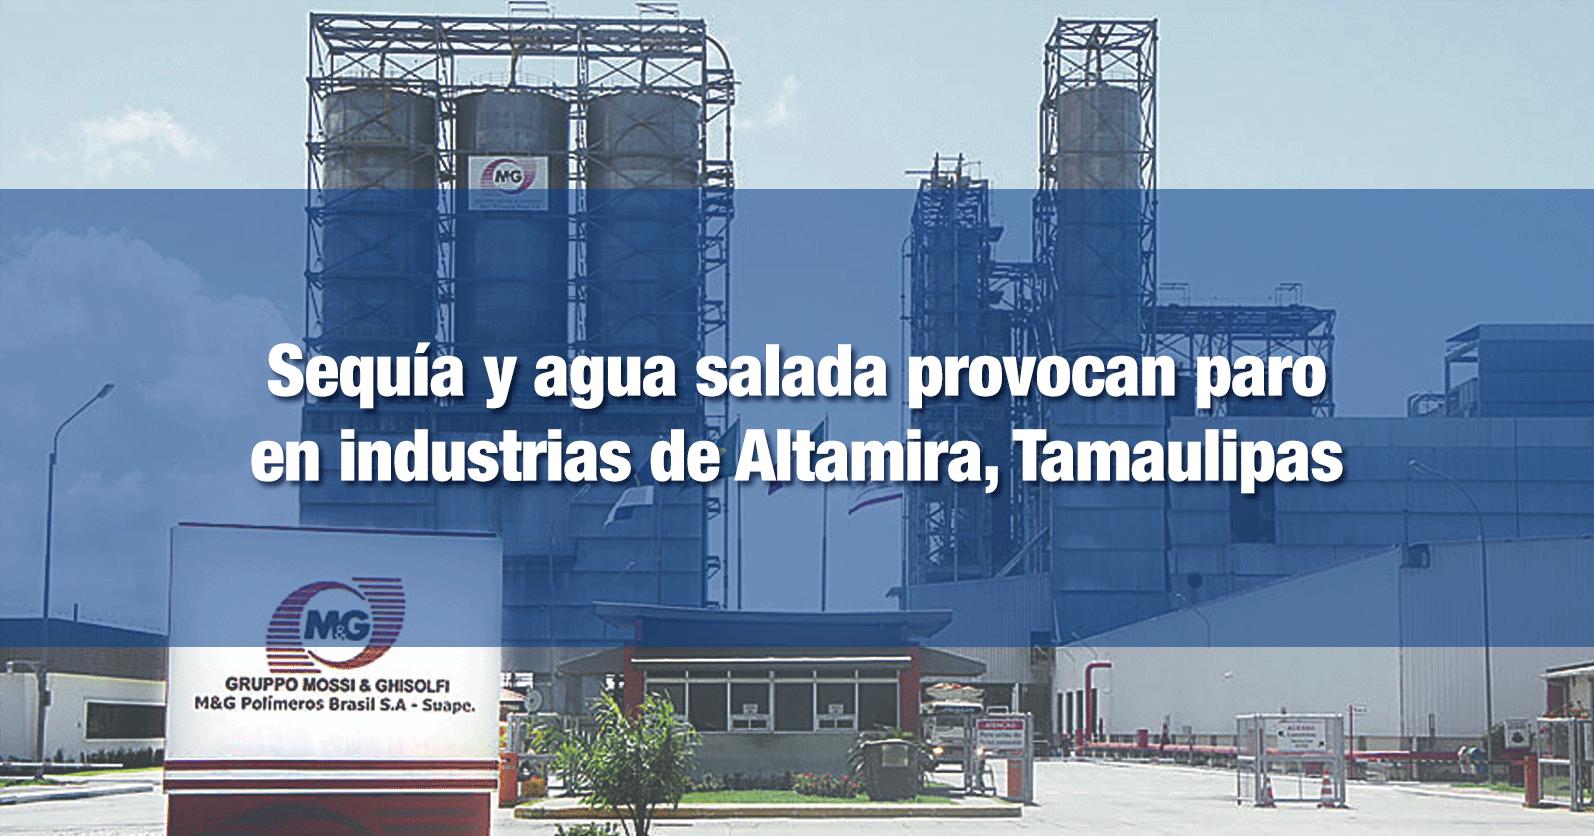 Sequía y agua salada provocan paro en industrias de Altamira, Tamaulipas